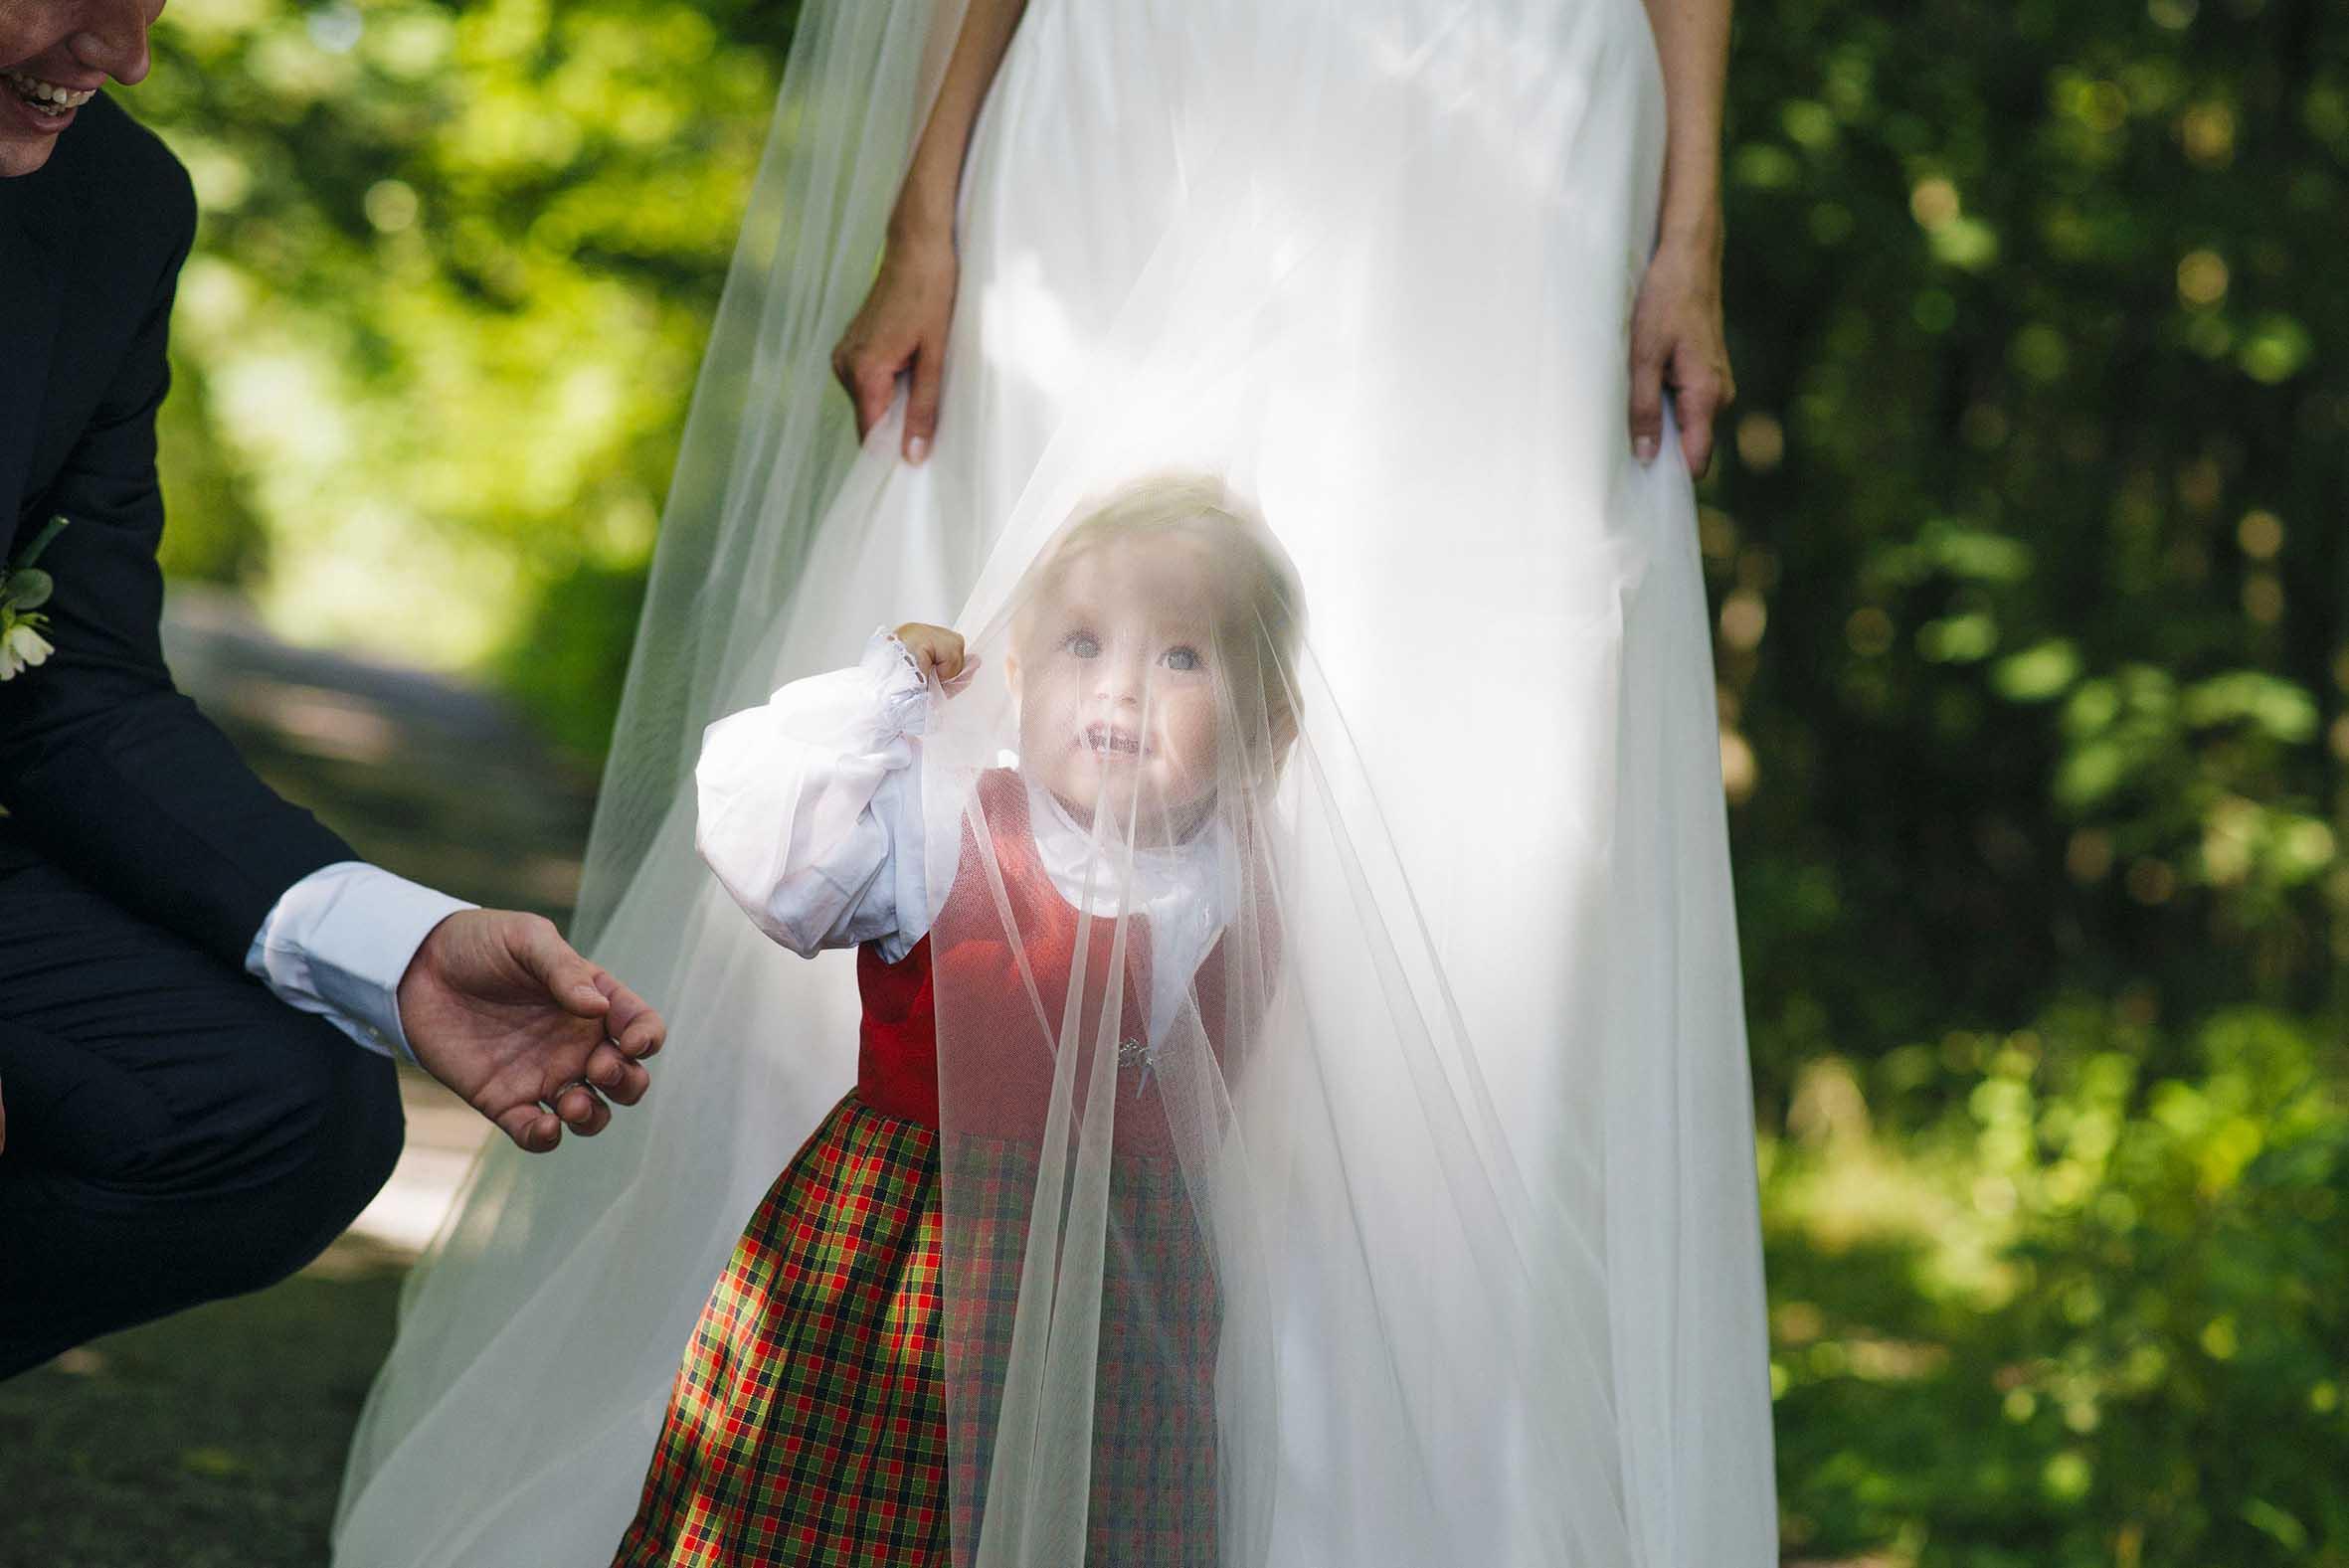 Høstbryllup fra Oslo. Datteren til paret gjemmer seg under Brudekjolen.